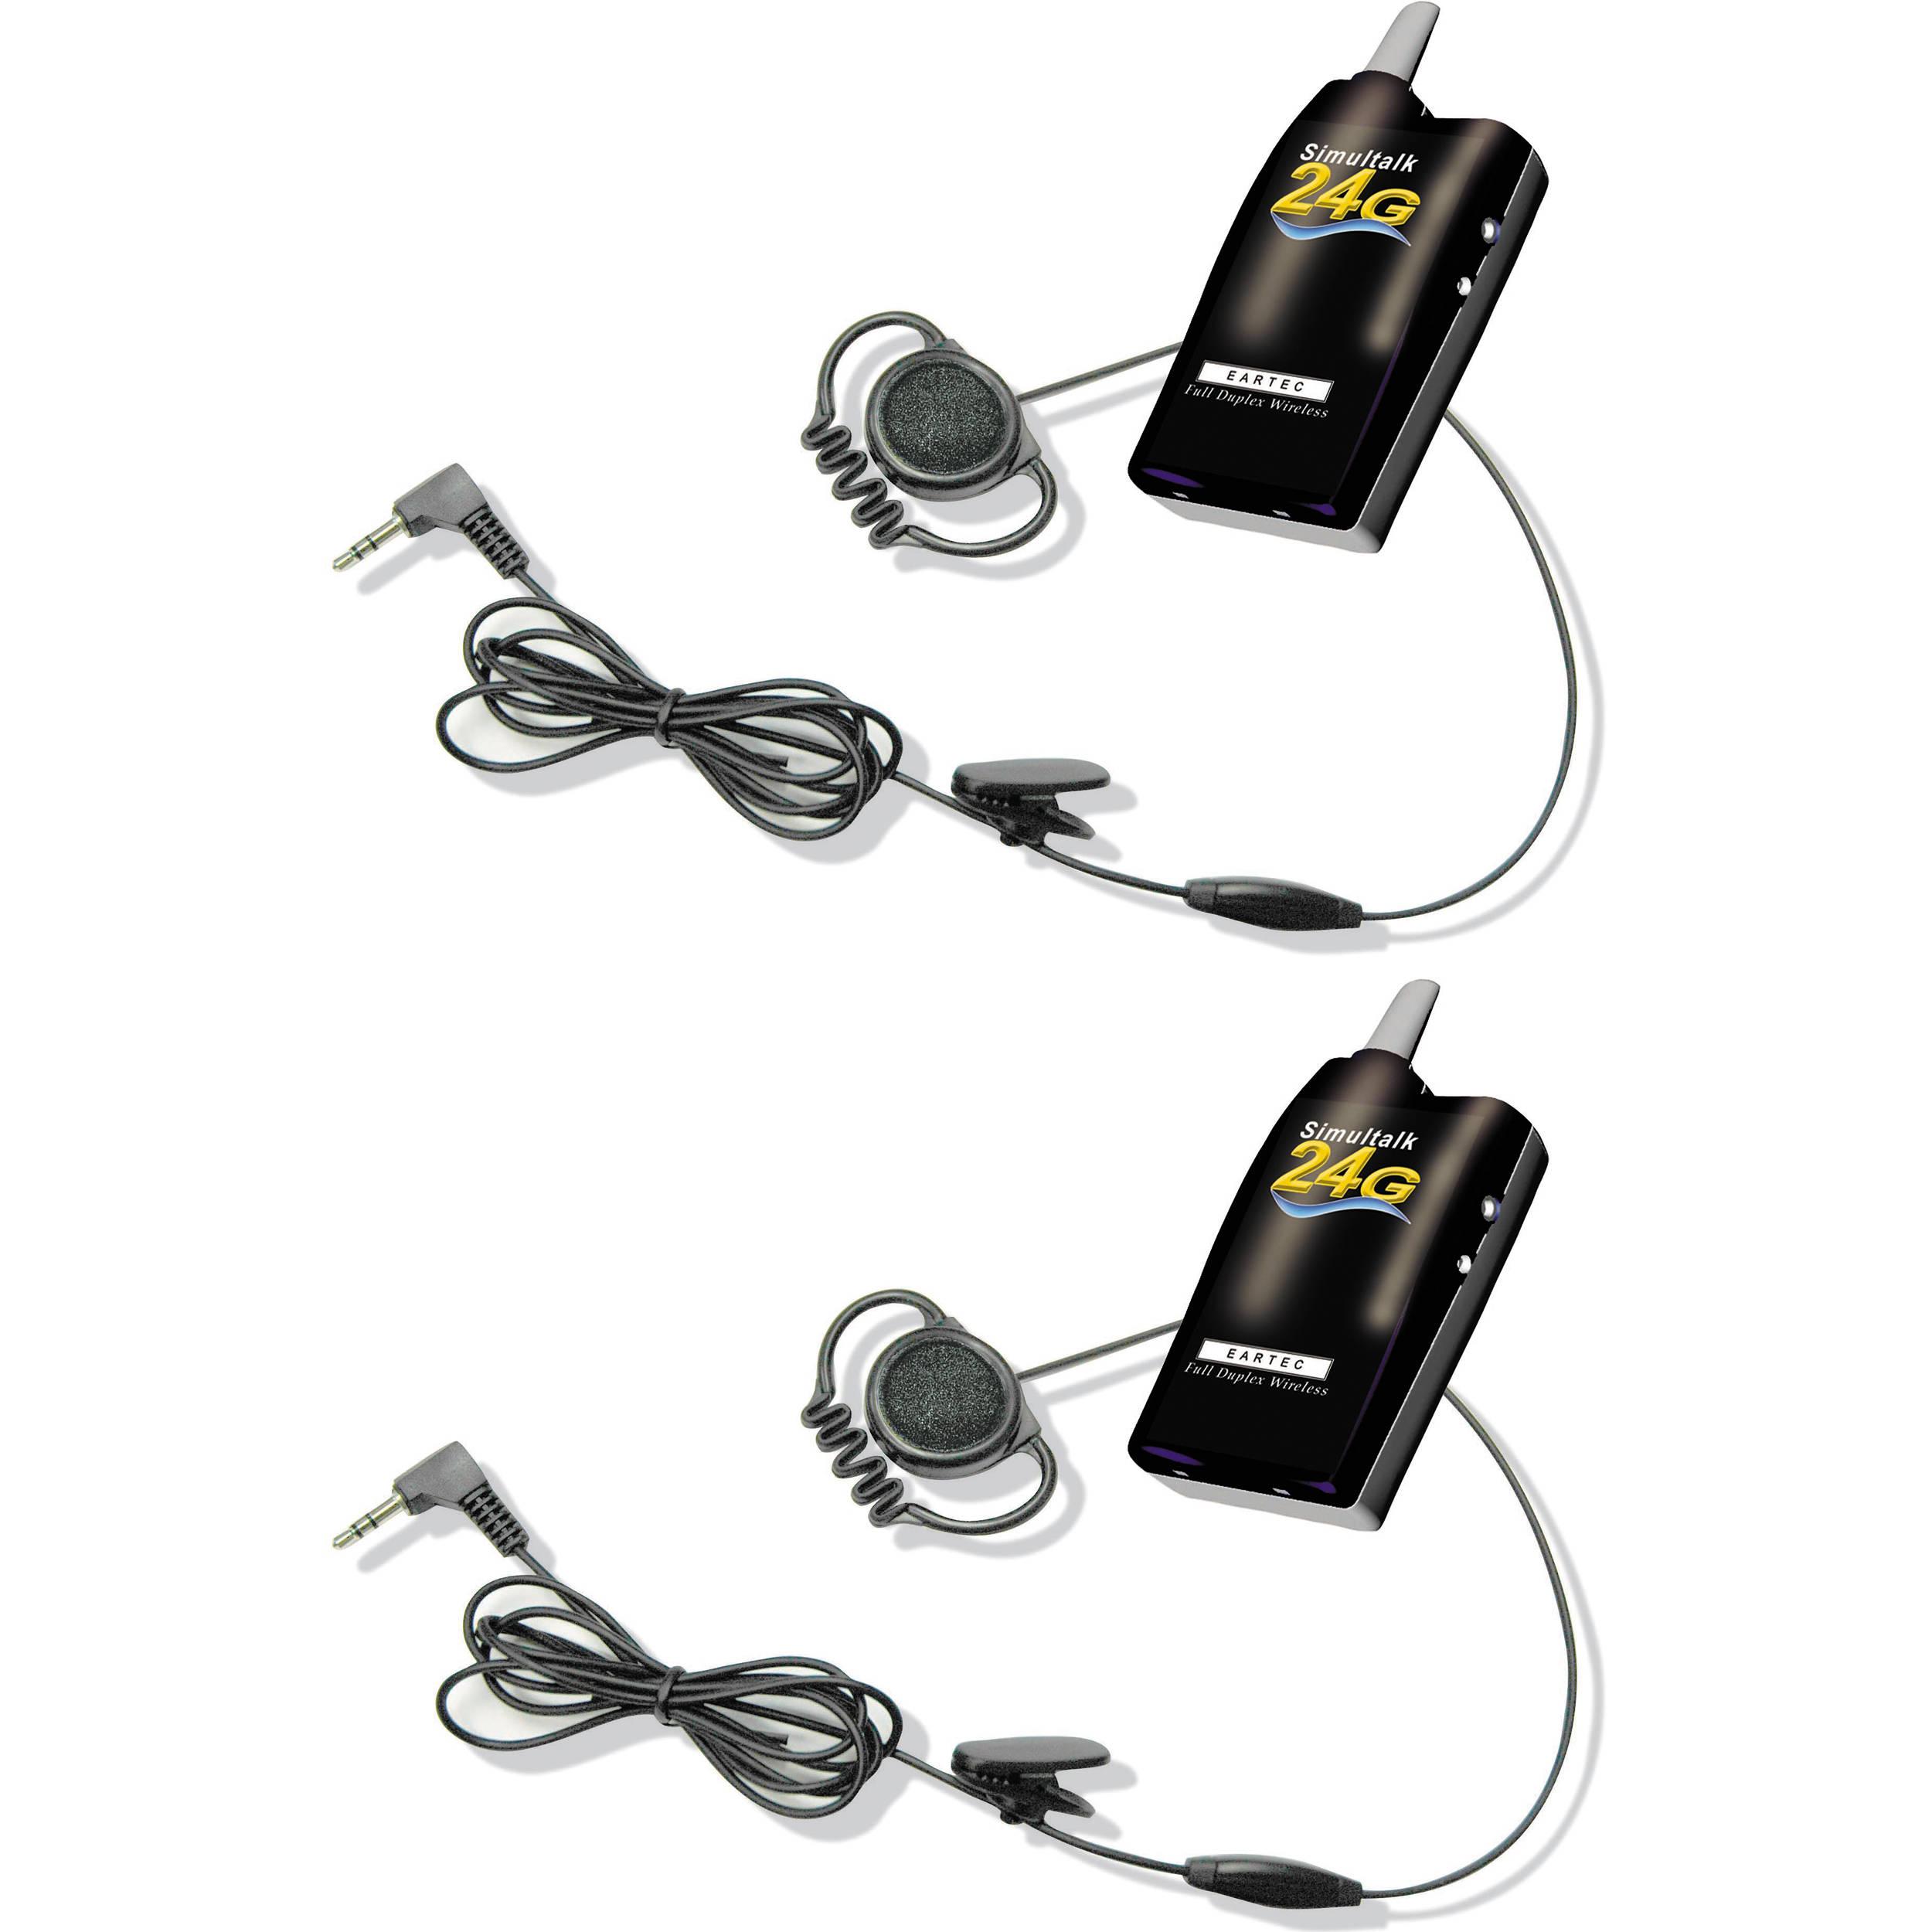 Eartec Simultalk 24G Beltpacks with Loop Headsets